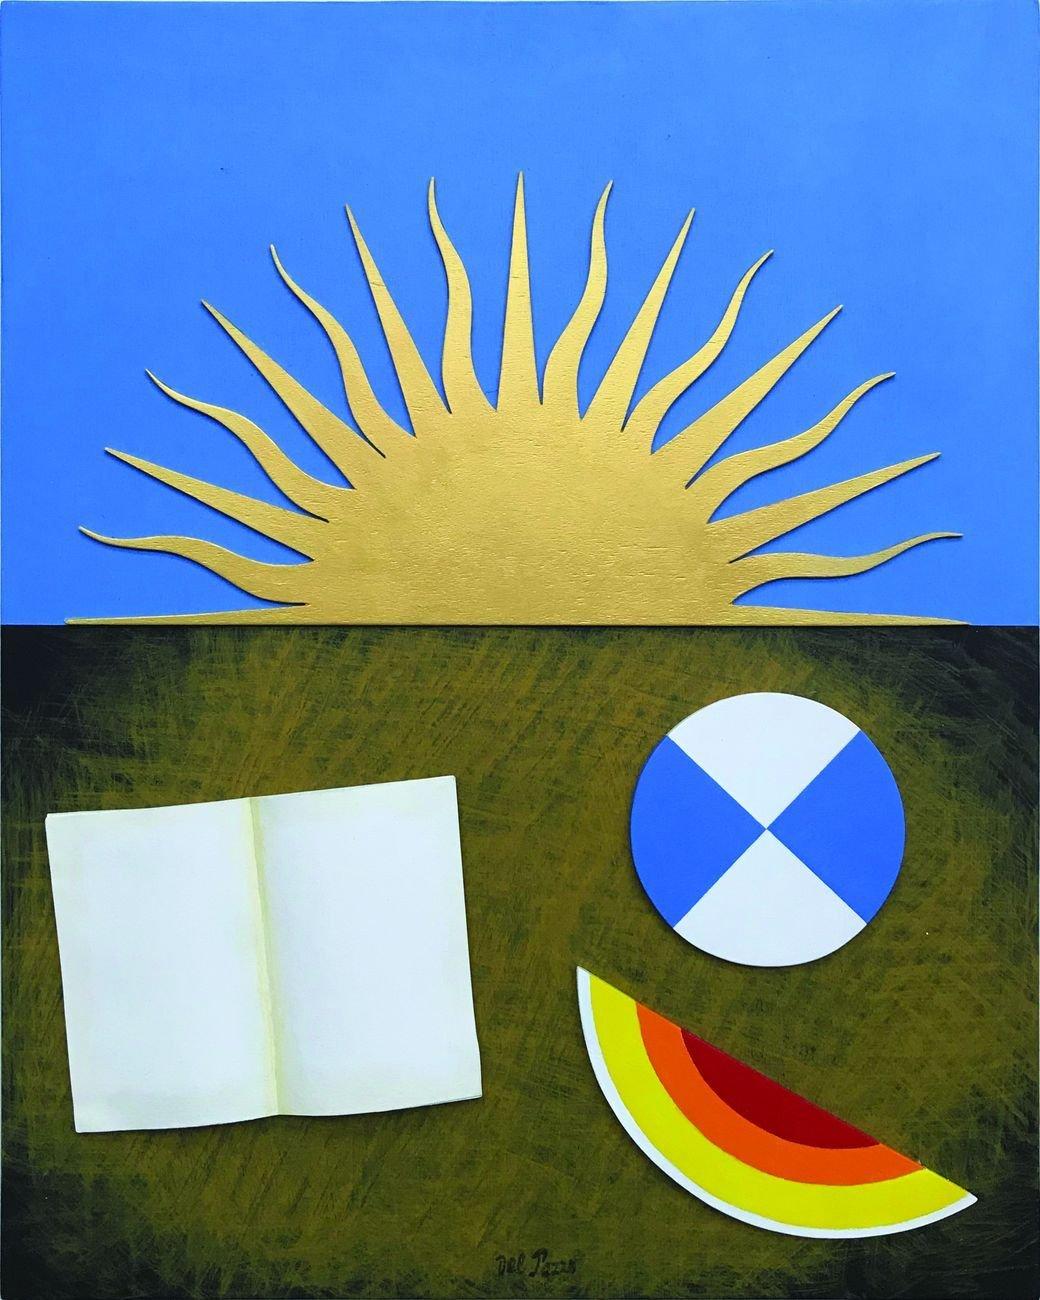 Lucio Del Pezzo, Sole, 2008, acrilici e foglia d'oro su legno, 50x40 cm, courtesy Galleria Lombardi, Roma